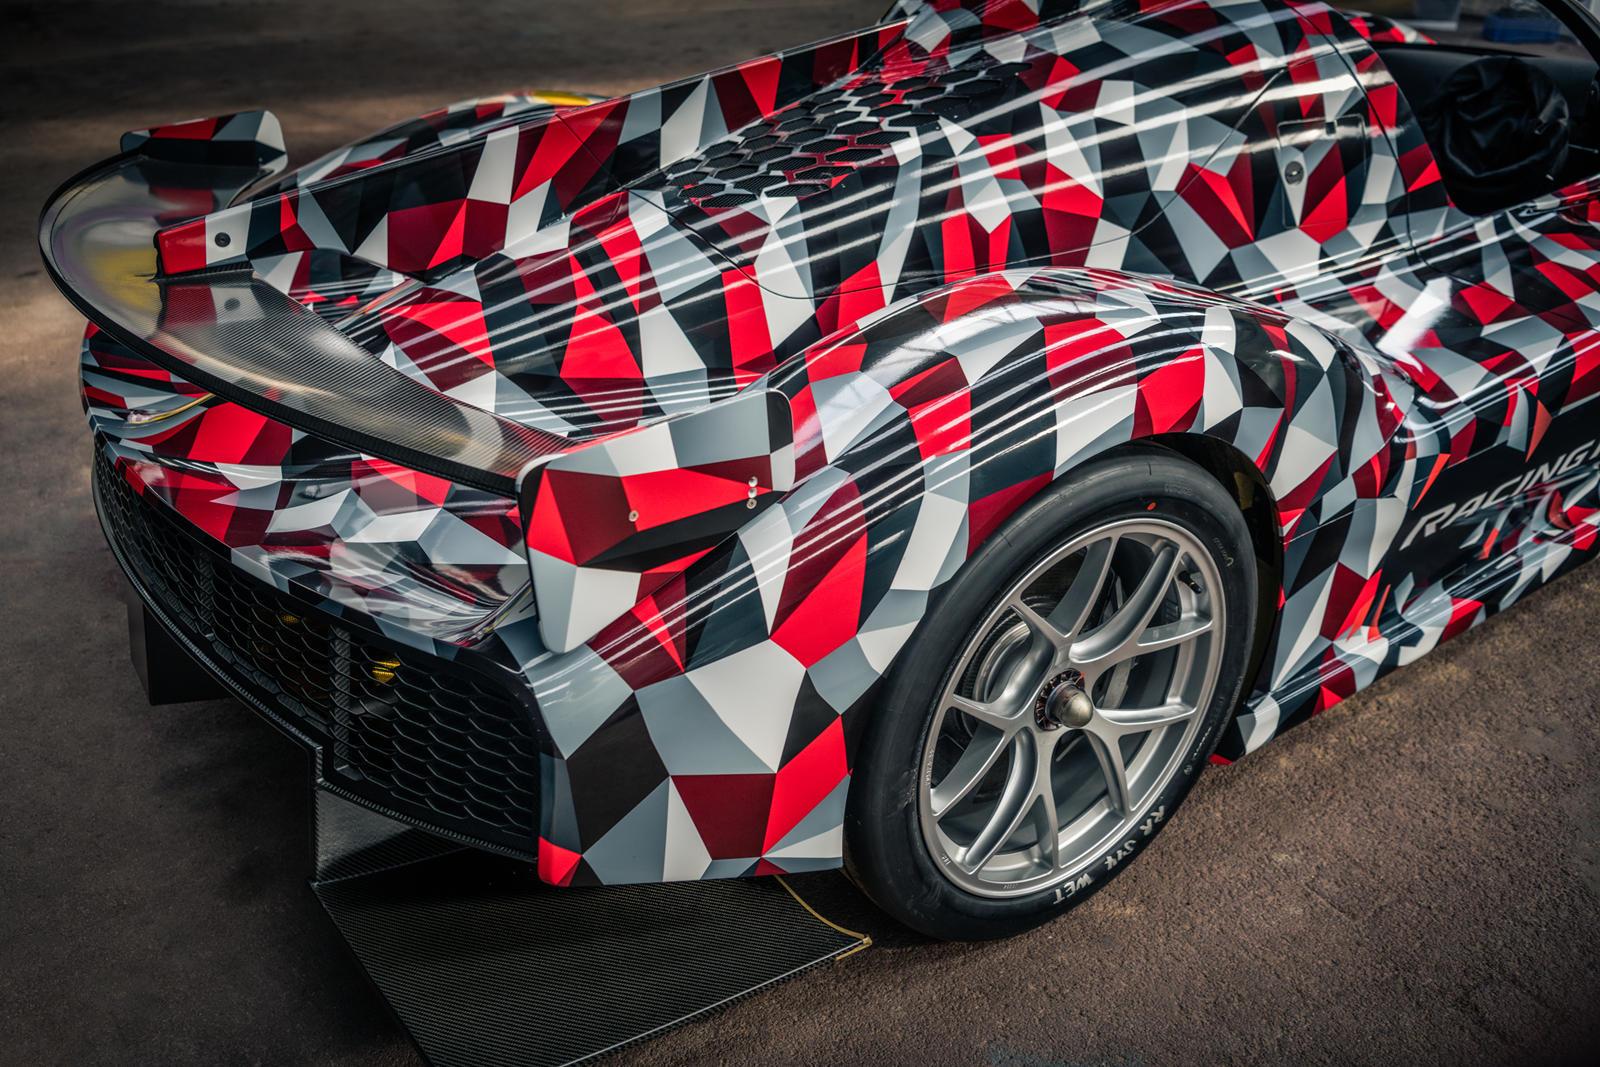 Мы знаем, что «GR Super Sport», как его обычно называют, так не назовут. В конце прошлого года Toyota подала заявку на регистрацию товарного знака на имя «GR 010», и в отчетах в качестве предпочтительной трансмиссии был назван 2,4-литровый двигатель